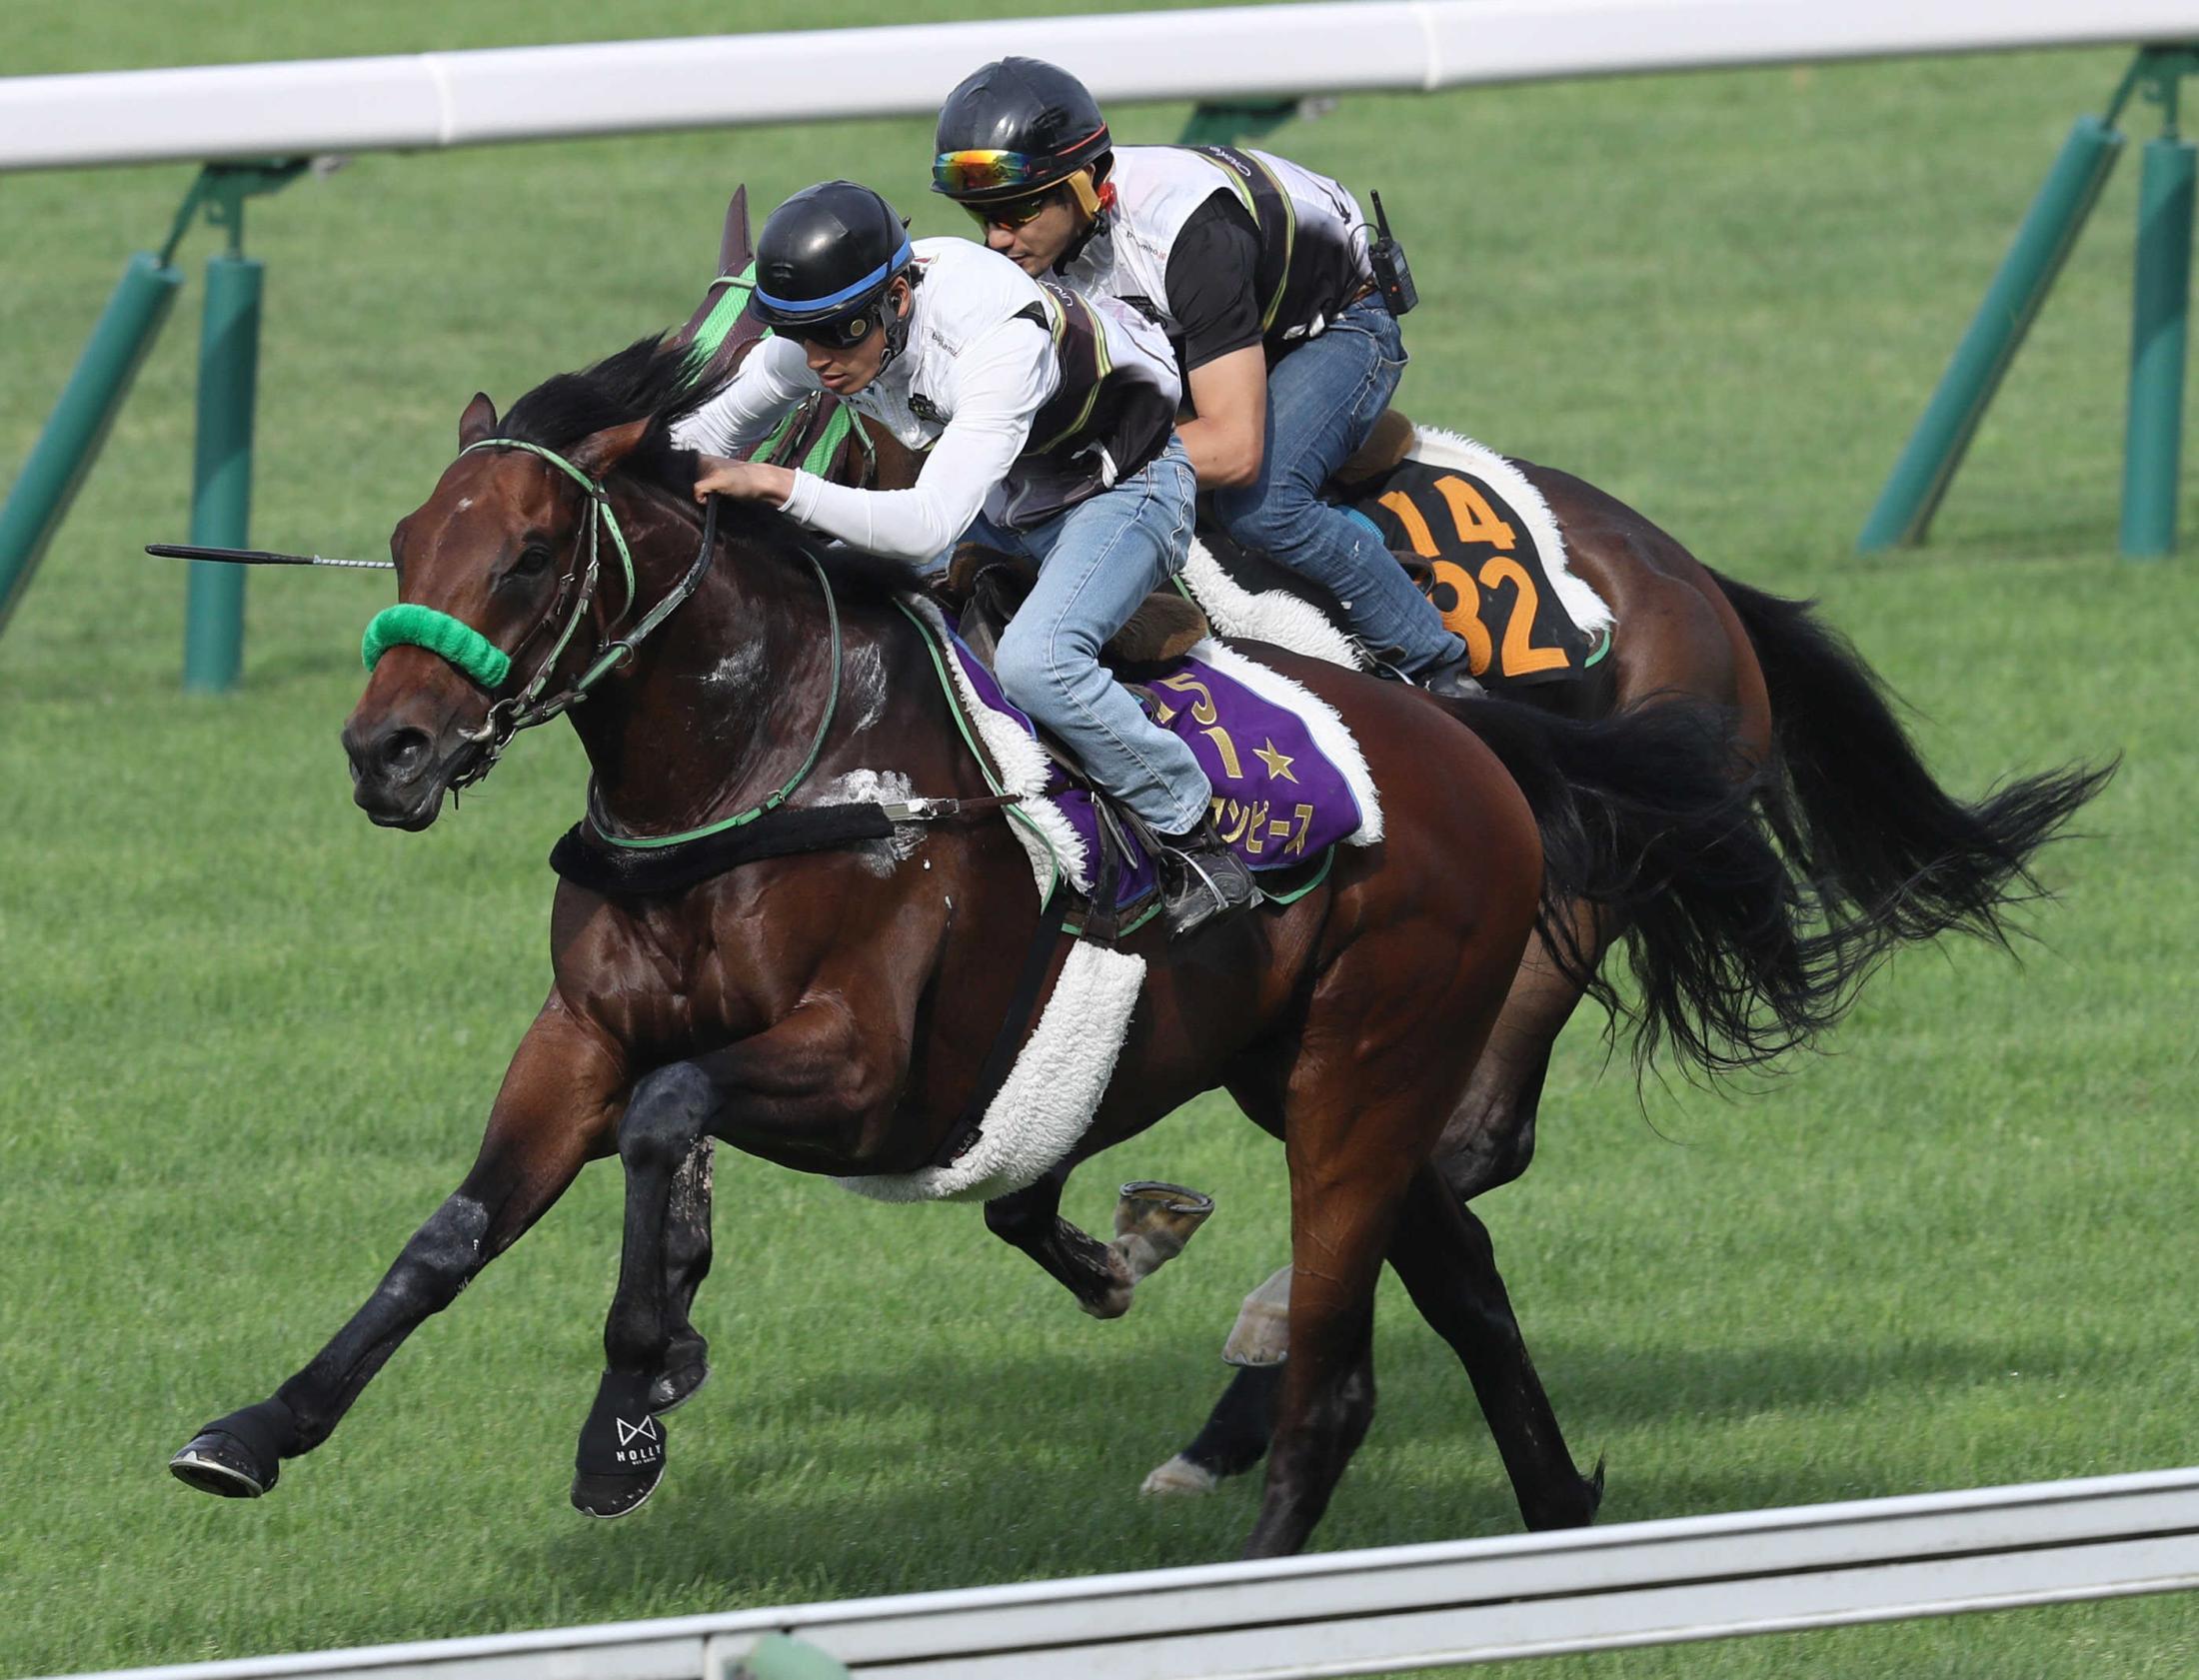 函館芝の併せ馬でしっかりと追われたブラストワンピース(手前)